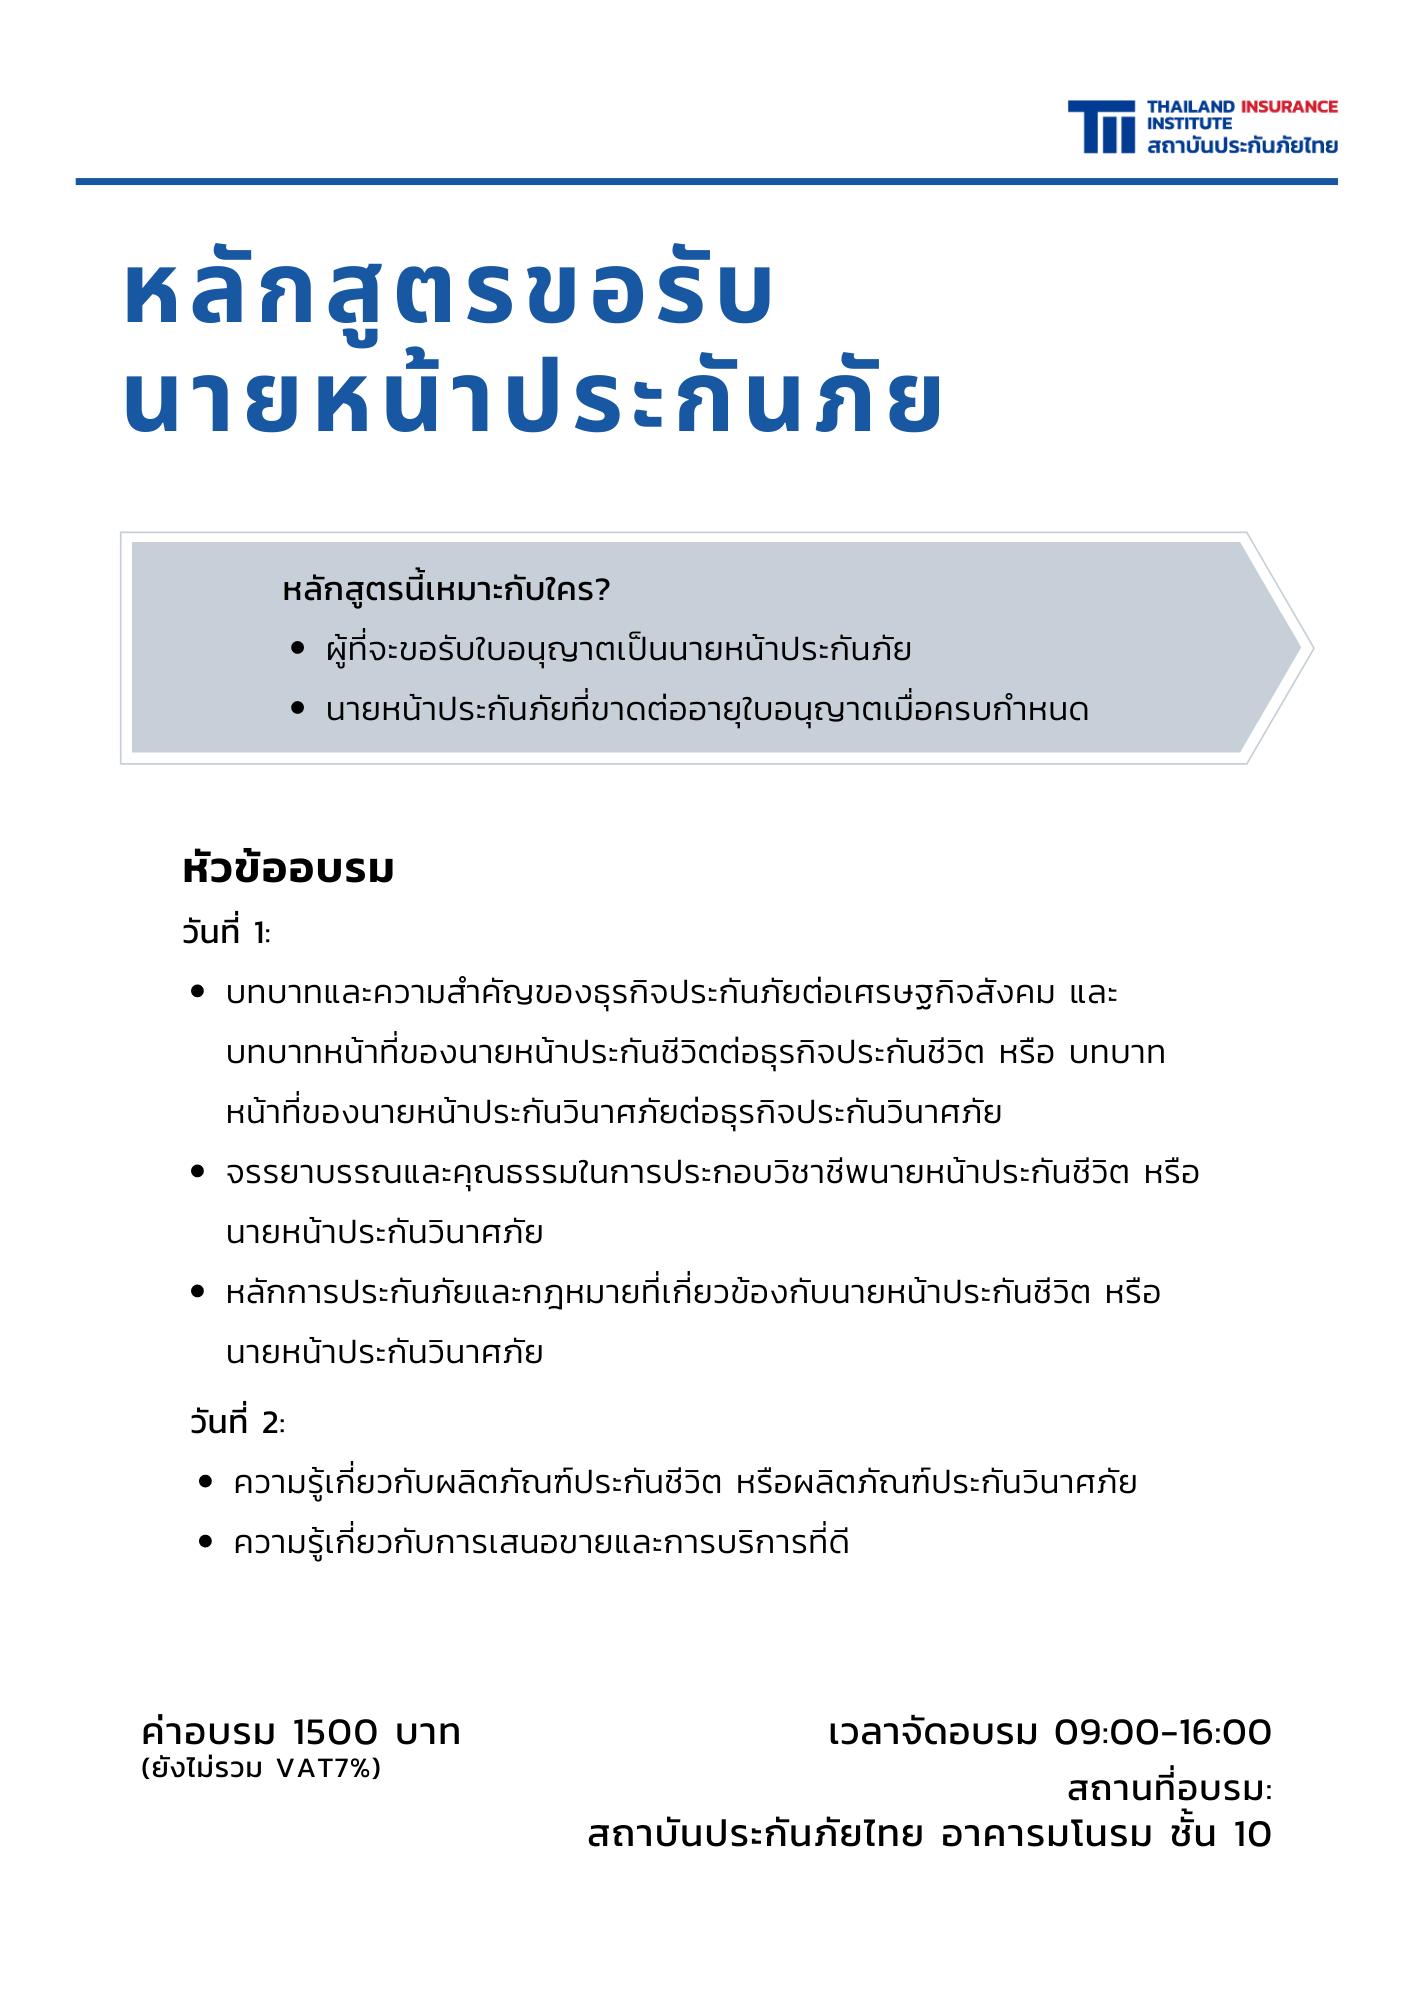 สมัครด่วน คปภ.ไฟเขียวแล้วให้ ทีไอไอ เปิดหลักสูตรอบรมนายหน้าประกันภัยไทย 12 ชั่วโมง 3